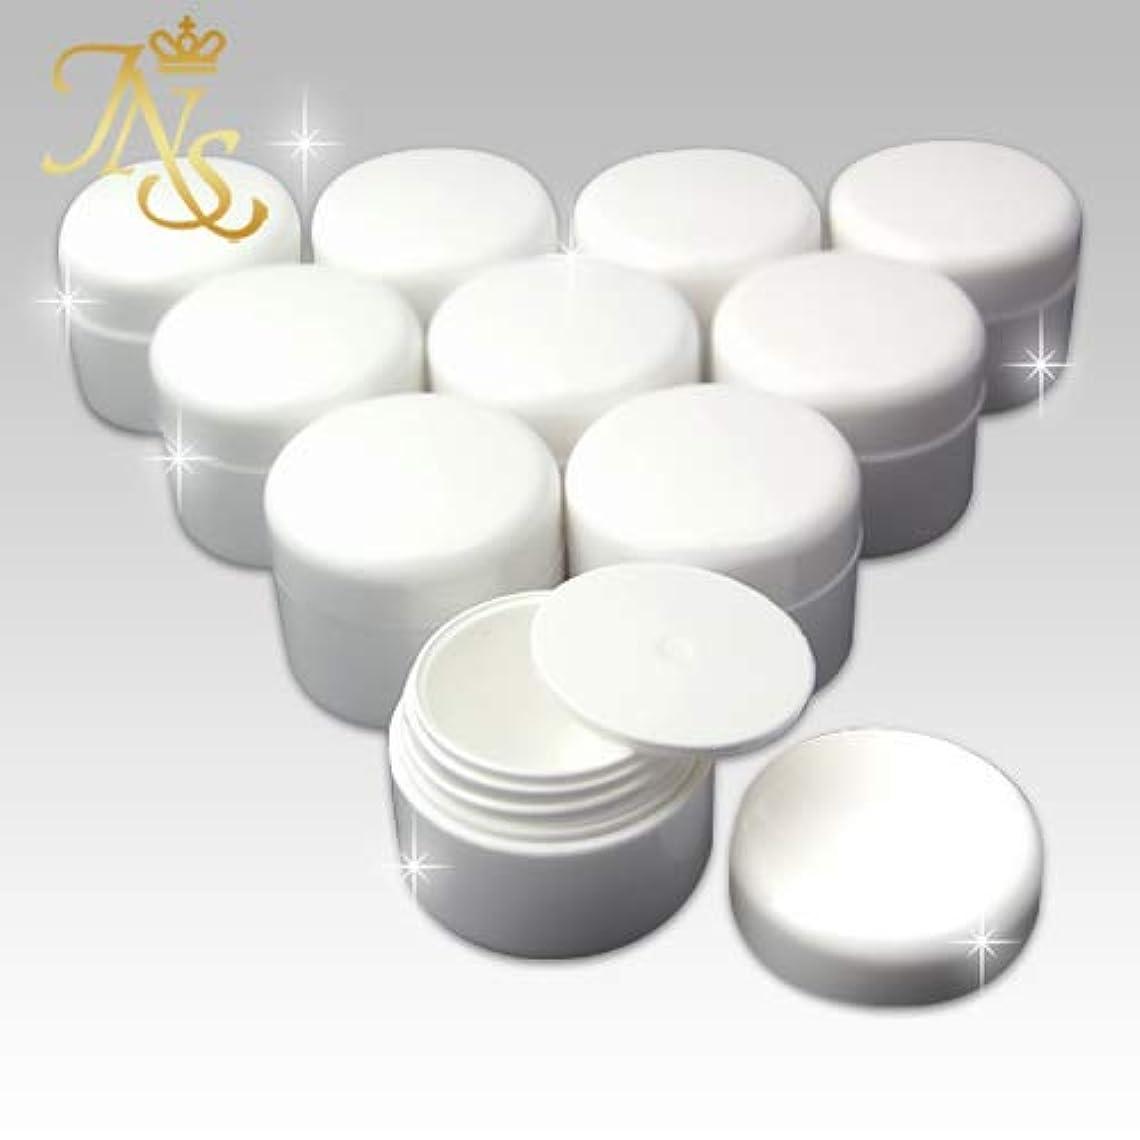 粒禁止する矛盾ジェルネイル コンテナー カラージェルの保管や小物入れに大変便利な、10個セット内蓋付